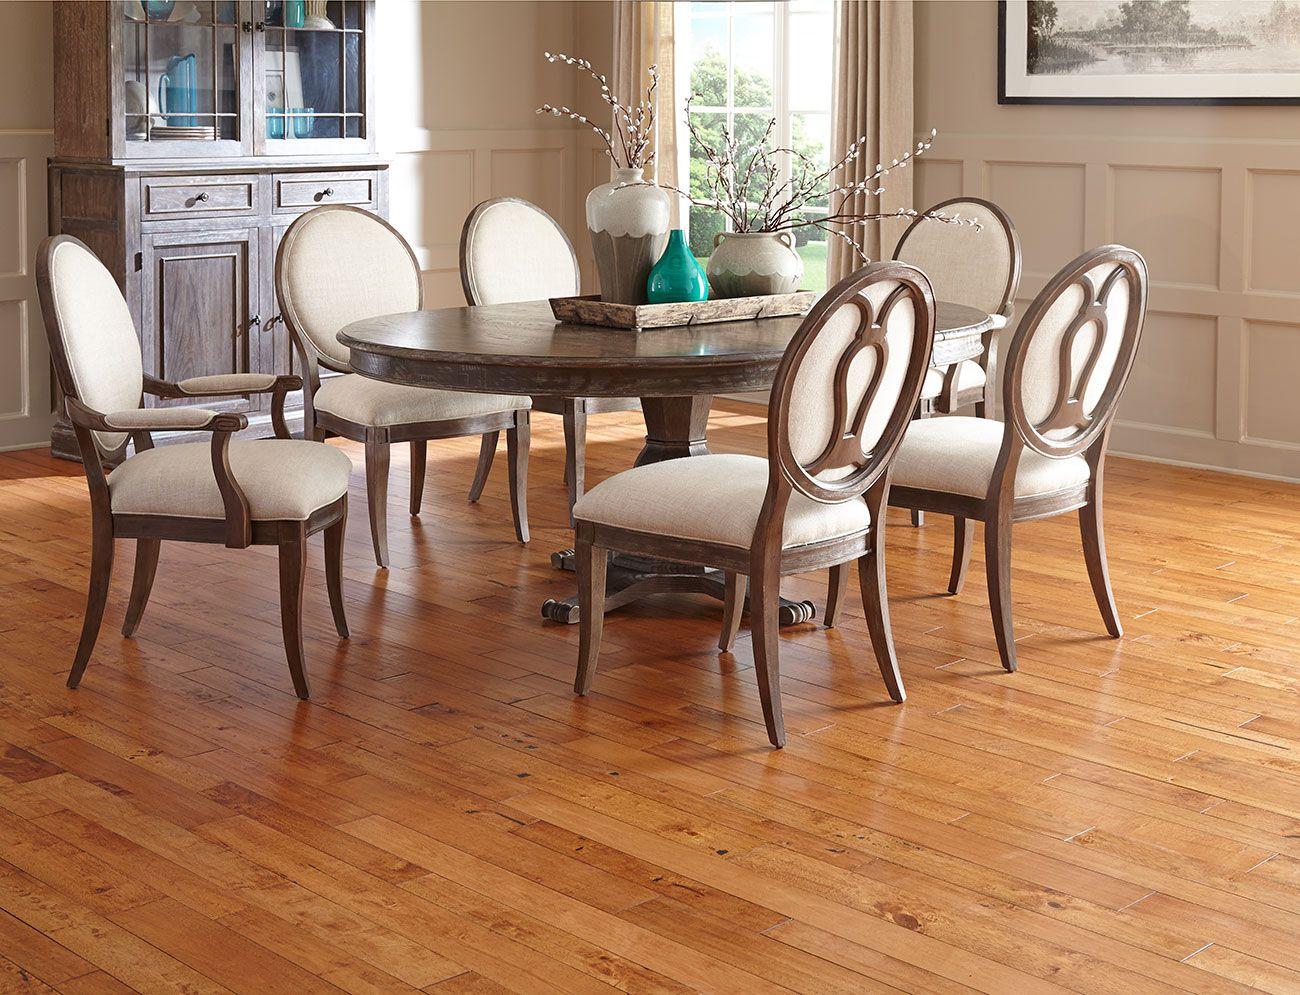 Rustic elegant dining room restoration hardware solid seringa rustic elegant dining room restoration hardware solid seringa hardwood random widths impressions dzzzfo